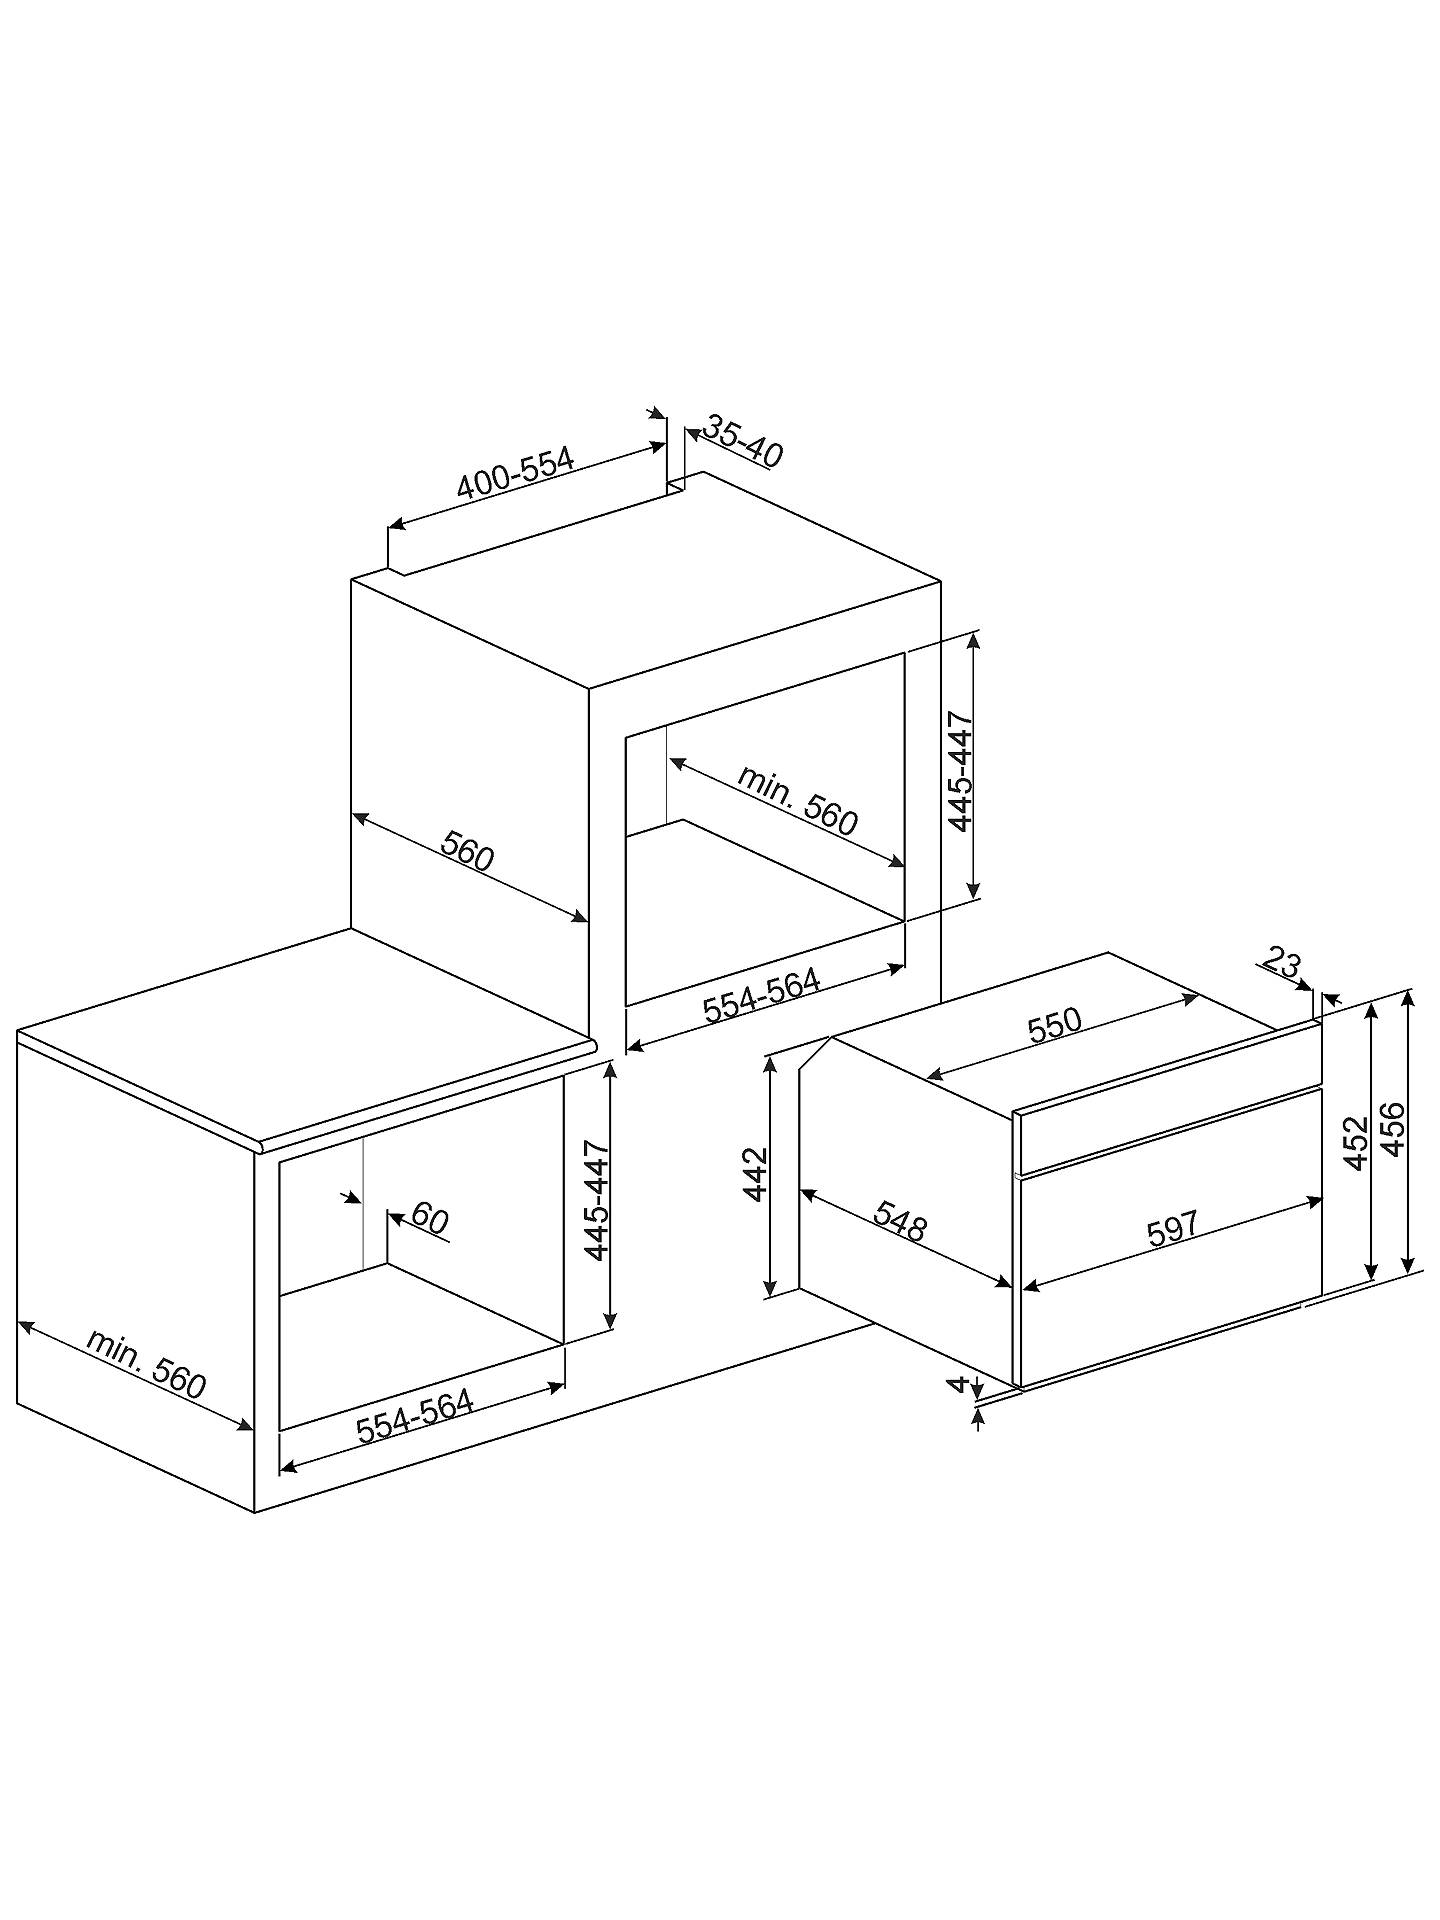 Smeg SF4603MCNR Dolce Stil Novo Integrated Combination